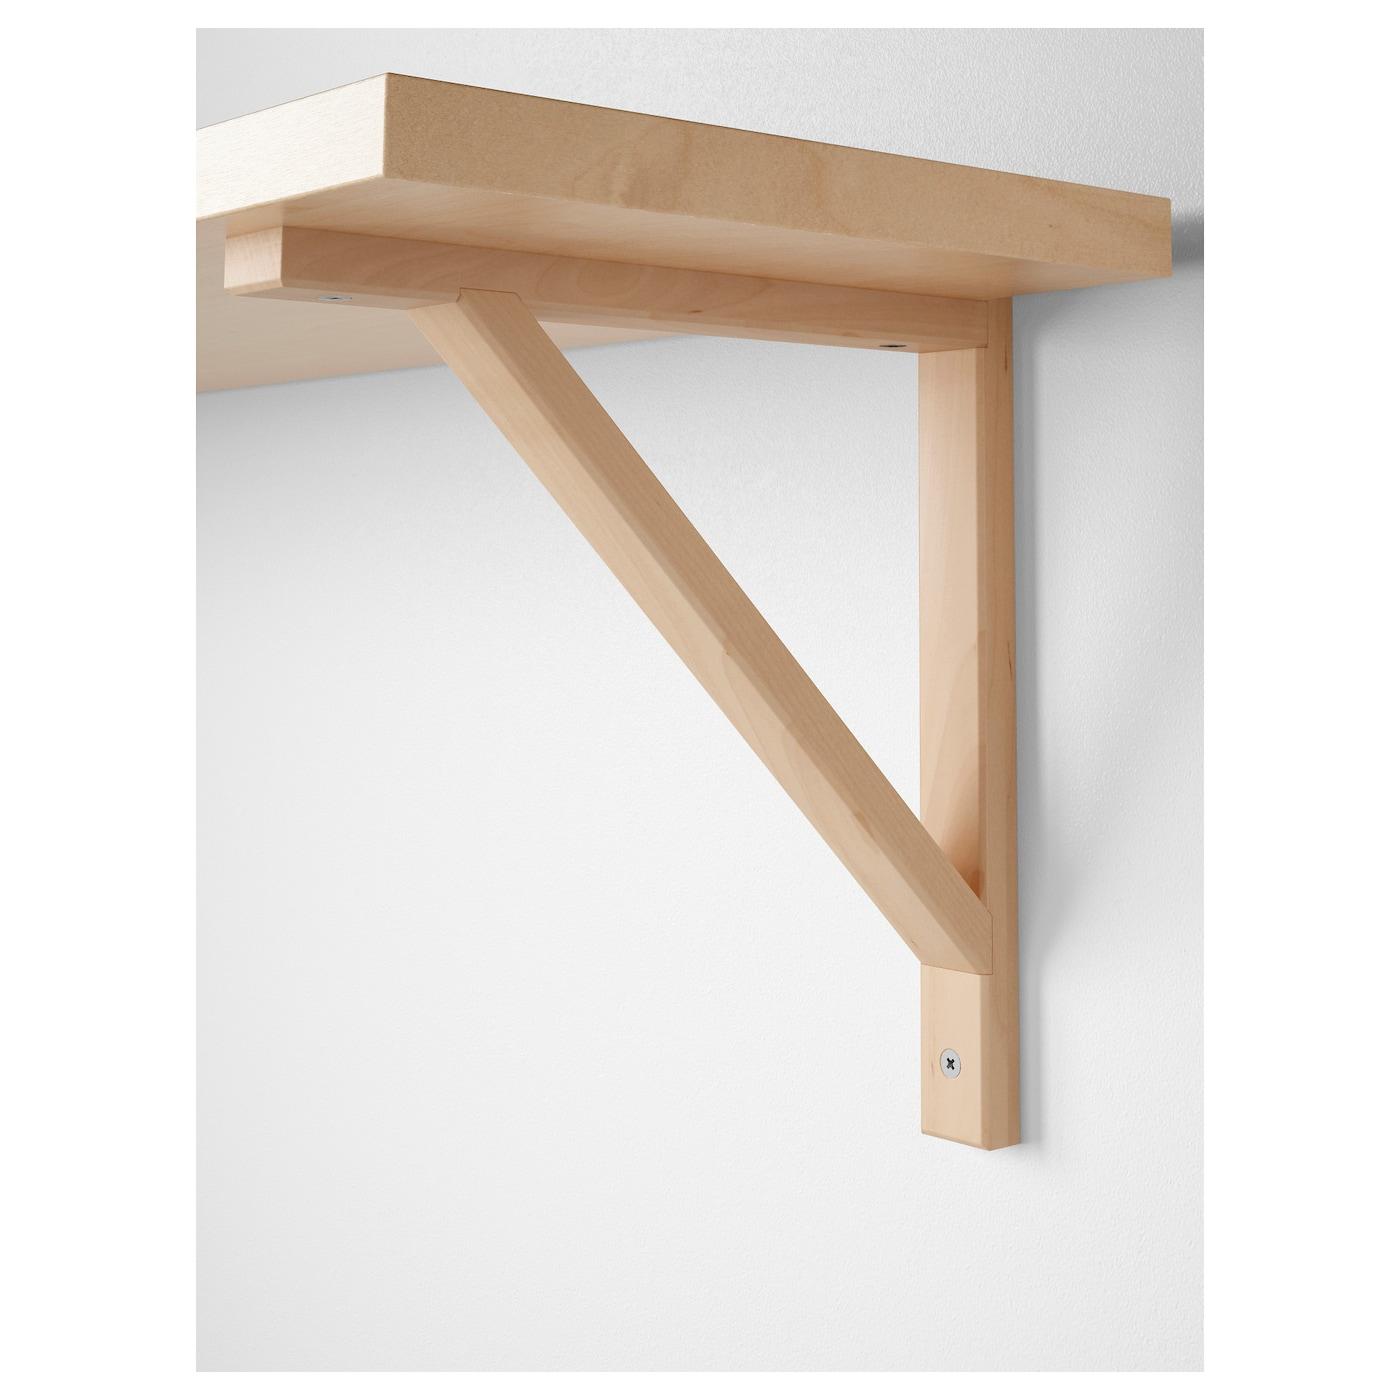 EKBY VALTER Bracket Birch 18 x 23 cm - IKEA